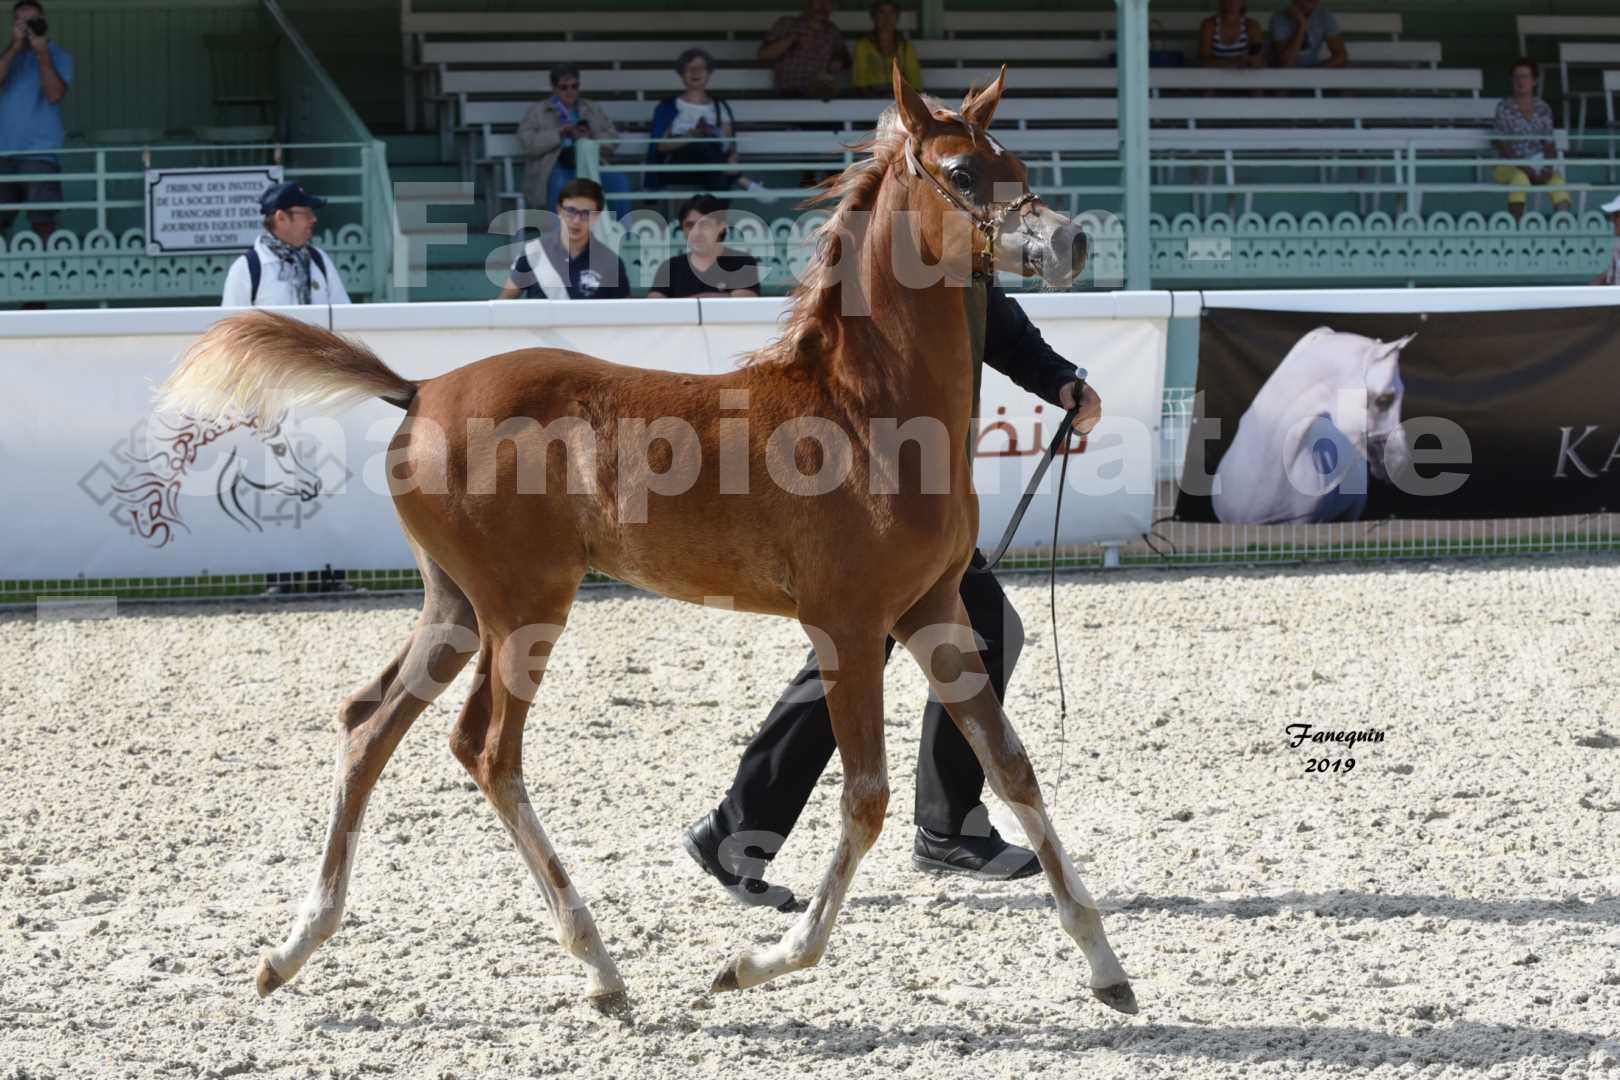 Championnat de France des chevaux Arabes en 2019 à VICHY - SH CYRENE - 2